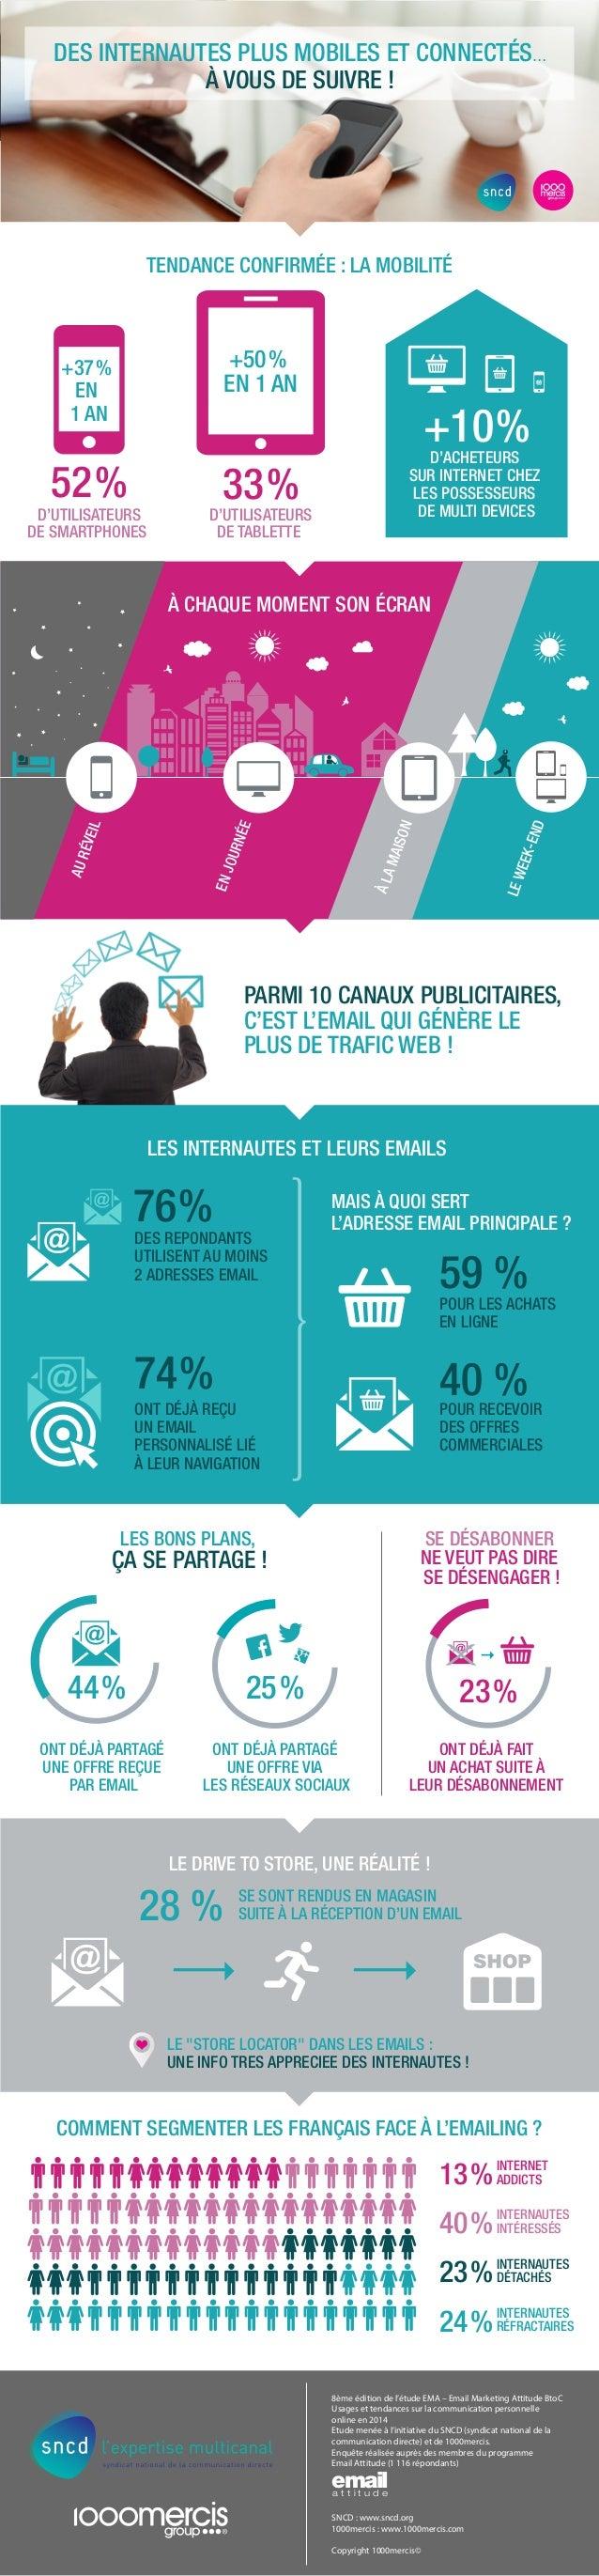 DES INTERNAUTES PLUS MOBILES ET CONNECTÉS…  TENDANCE CONFIRMÉE : LA MOBILITÉ  +37 %  EN  1 AN +10 %  52 %  D'UTILISATEURS ...